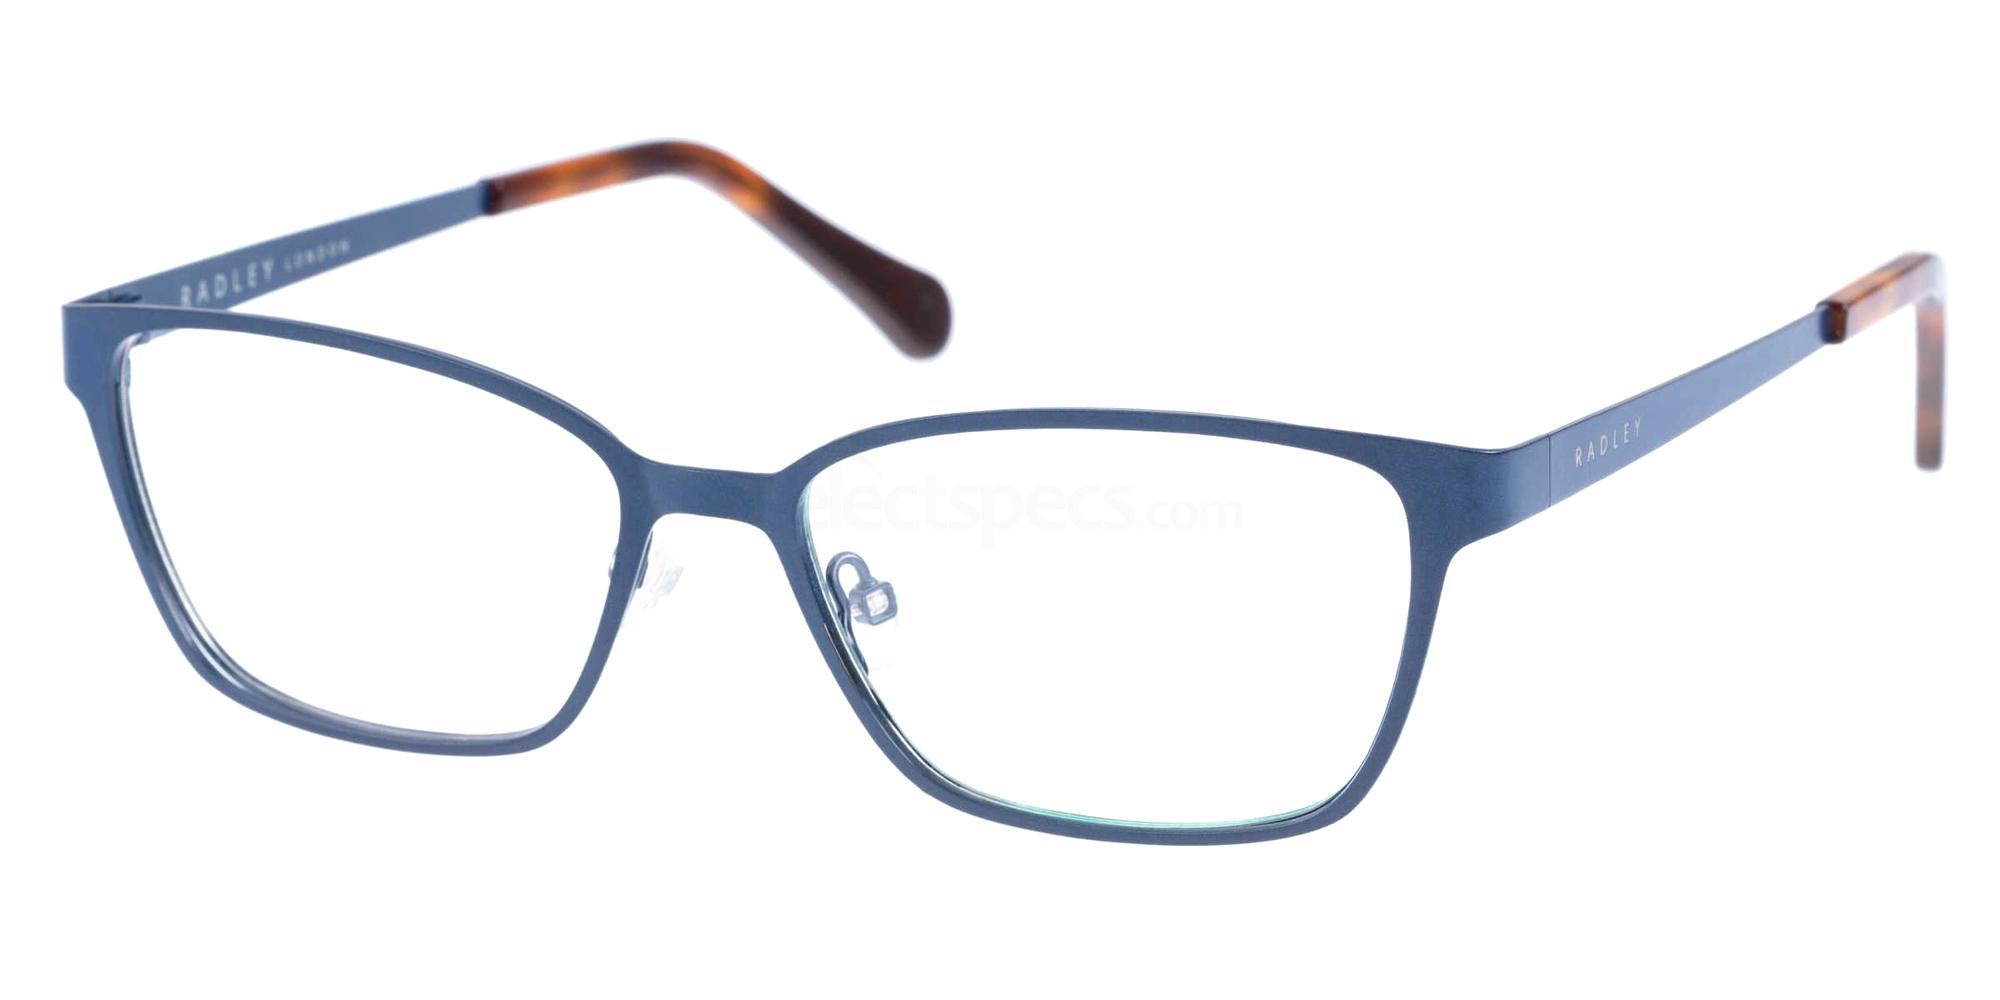 007 RDO-ELAYNA Glasses, Radley London